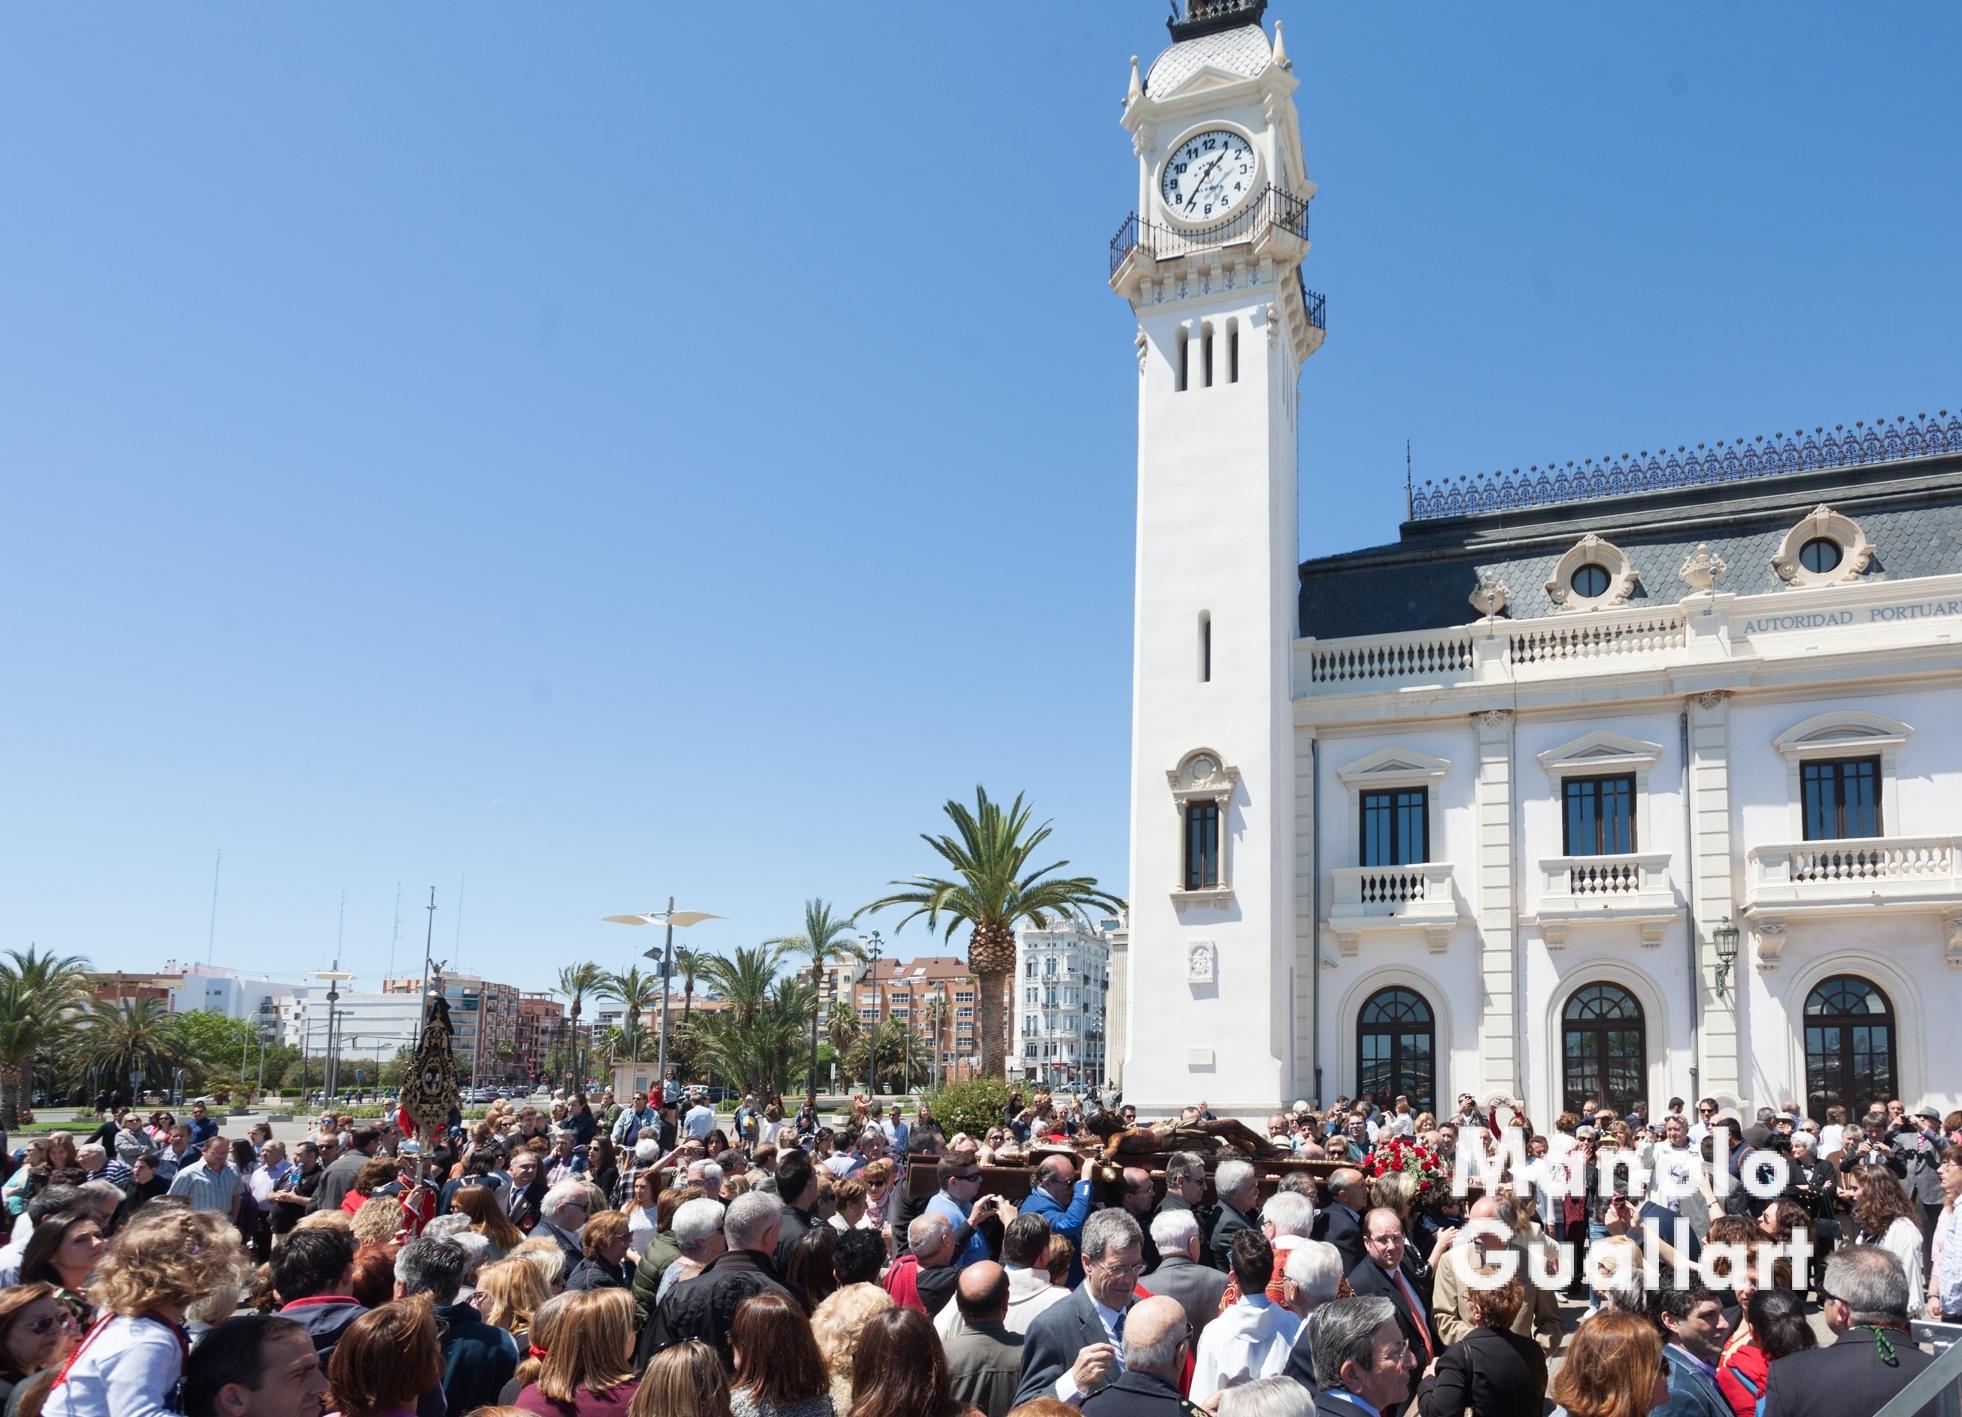 El Cristo del Grao pasa ante el Edificio del Reloj en el puerto de Valencia. Foto de Manolo Guallart.